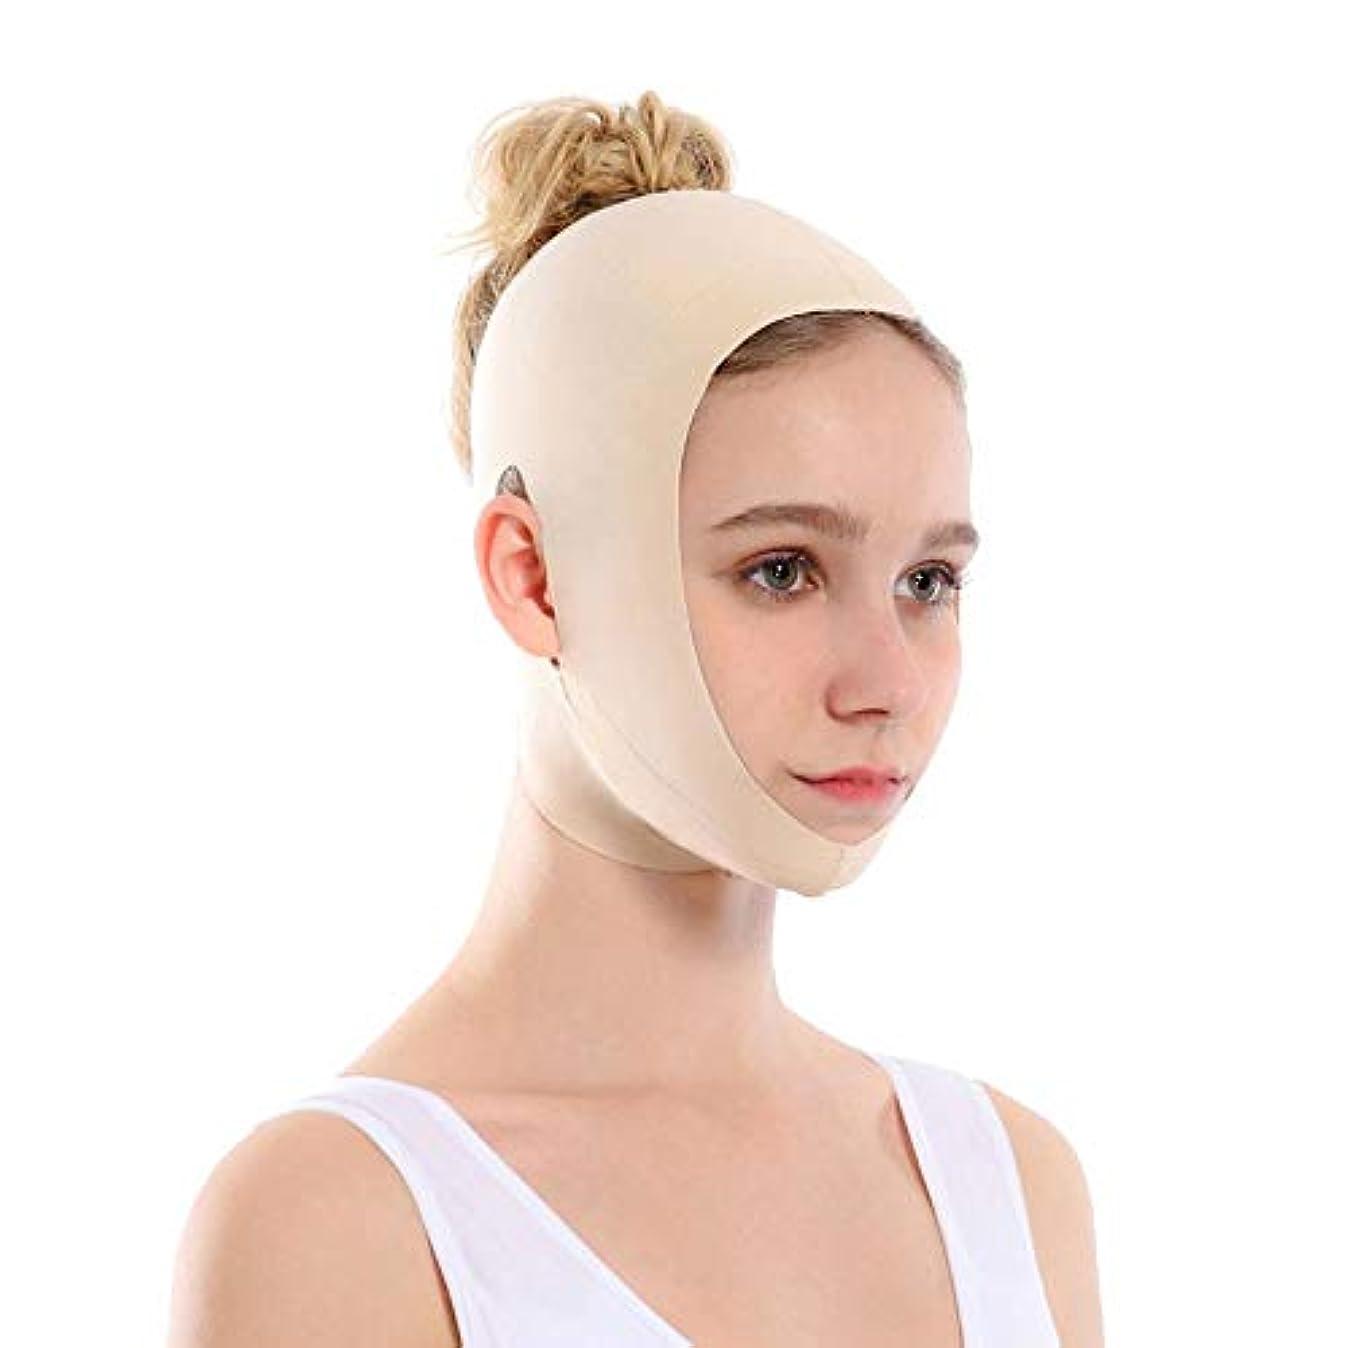 統合不屈出力Minmin 顔を持ち上げるアーティファクトVフェイス包帯リフティング引き締め睡眠薄い顔を整形持ち上げる顔を二重あご矯正 - 肌の色 みんみんVラインフェイスマスク